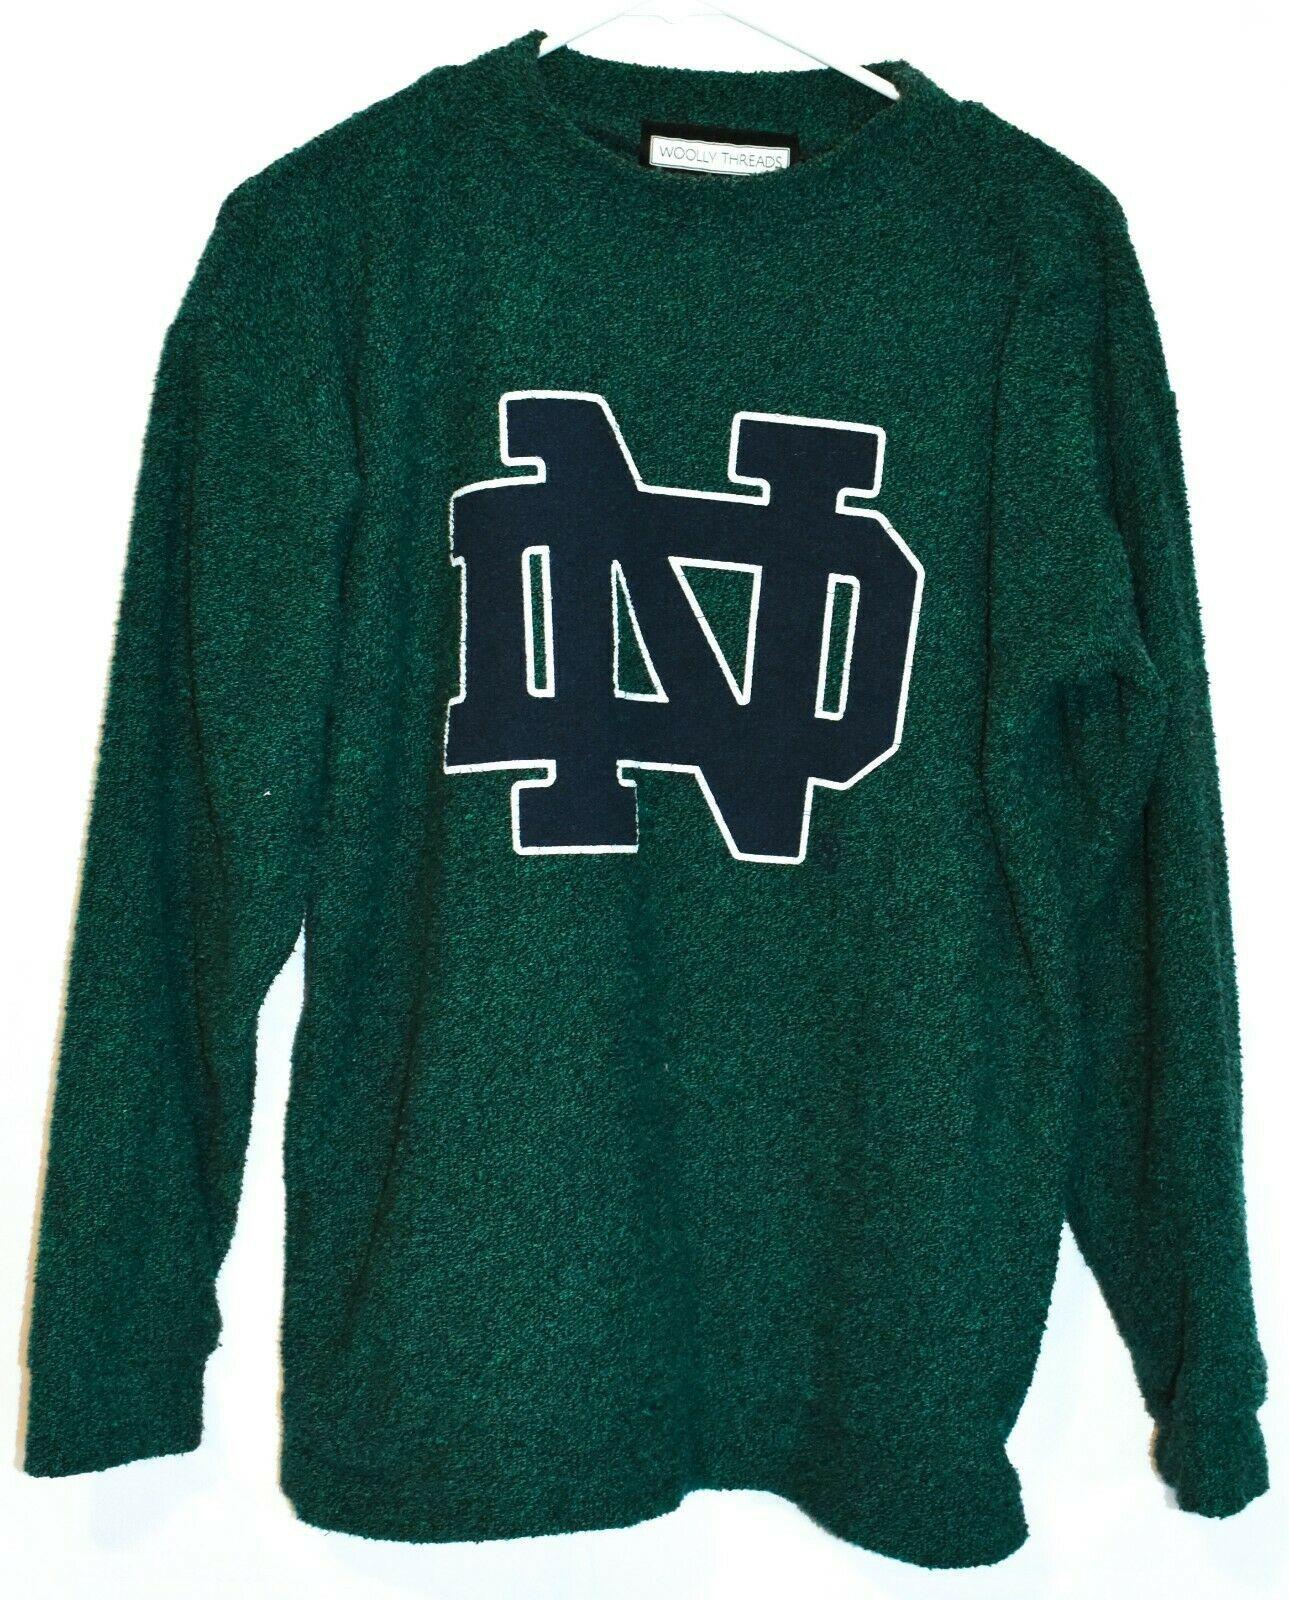 Woolly Threads Original Heather Green Navy Blue Notre Dame ND Sweatshirt Size S